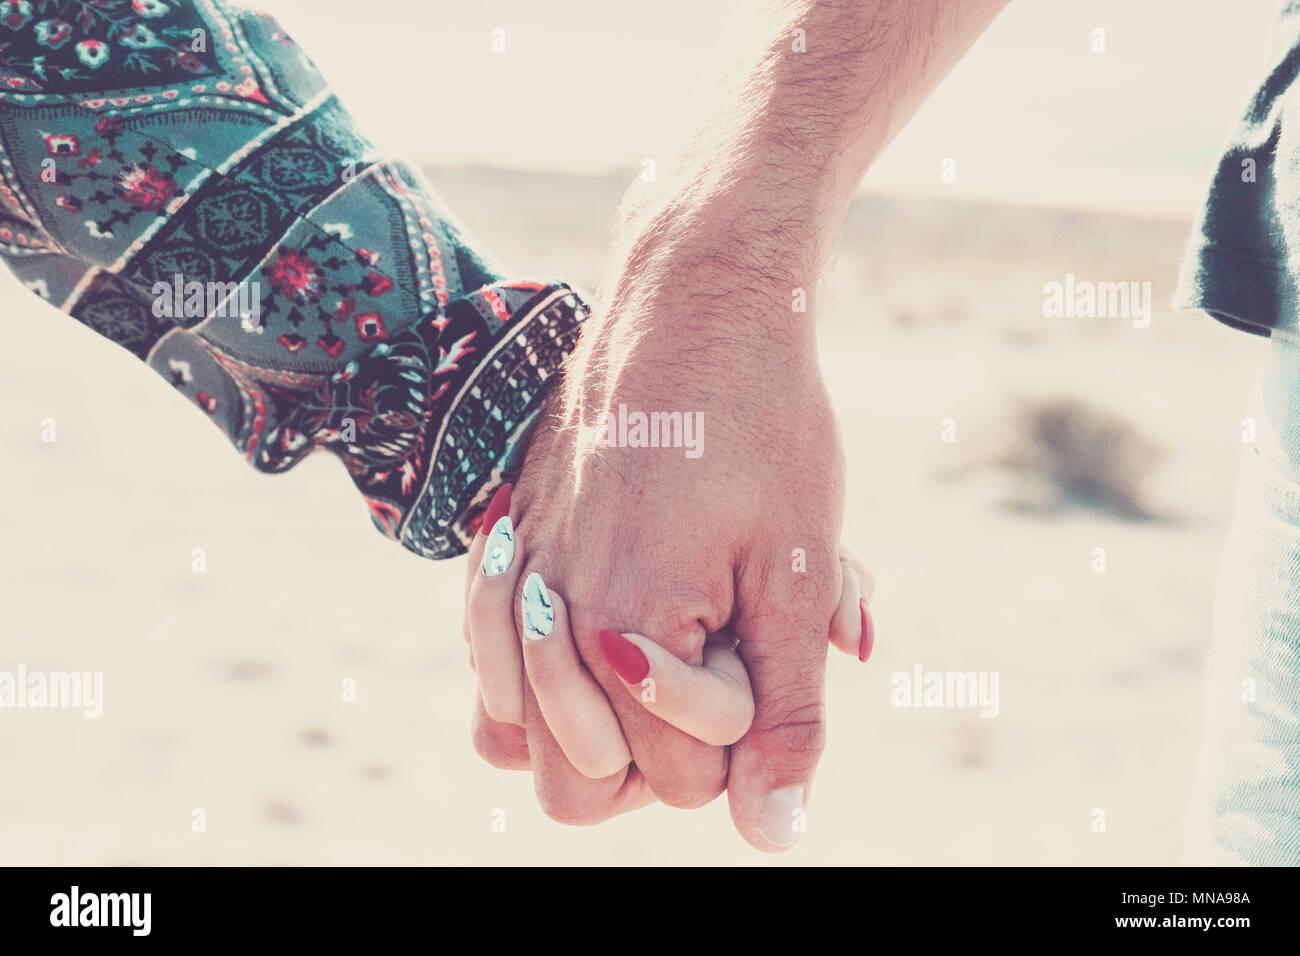 Concepto de amor eternamente junto con un par de manos de los jóvenes caucásicos abrazo y tocar bajo la luz del sol. vacaciones verano y añada colores nuevo modo. Imagen De Stock